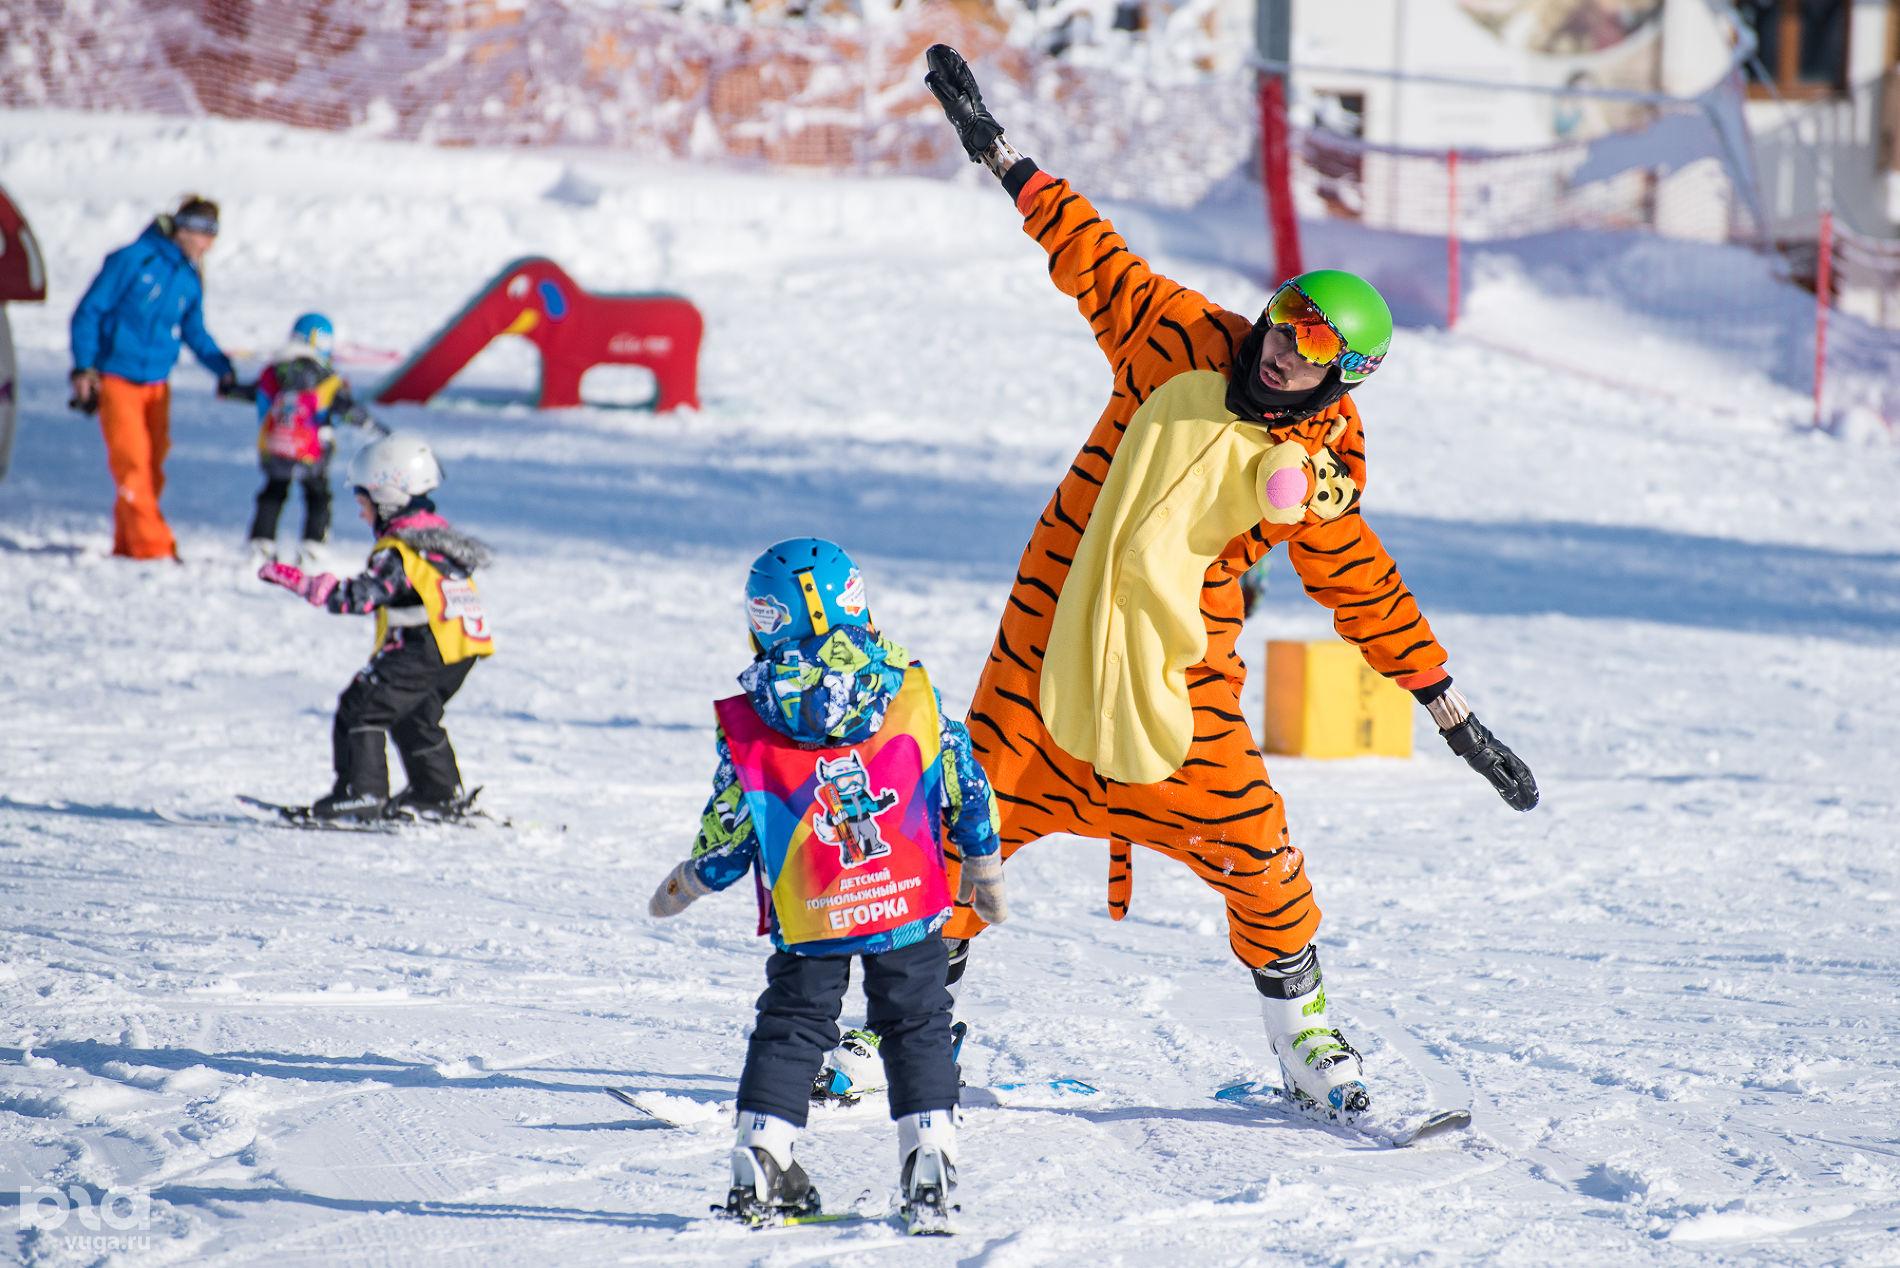 Инструктор ведет занятие в детском клубе ©Фото Екатерины Лызловой, Юга.ру